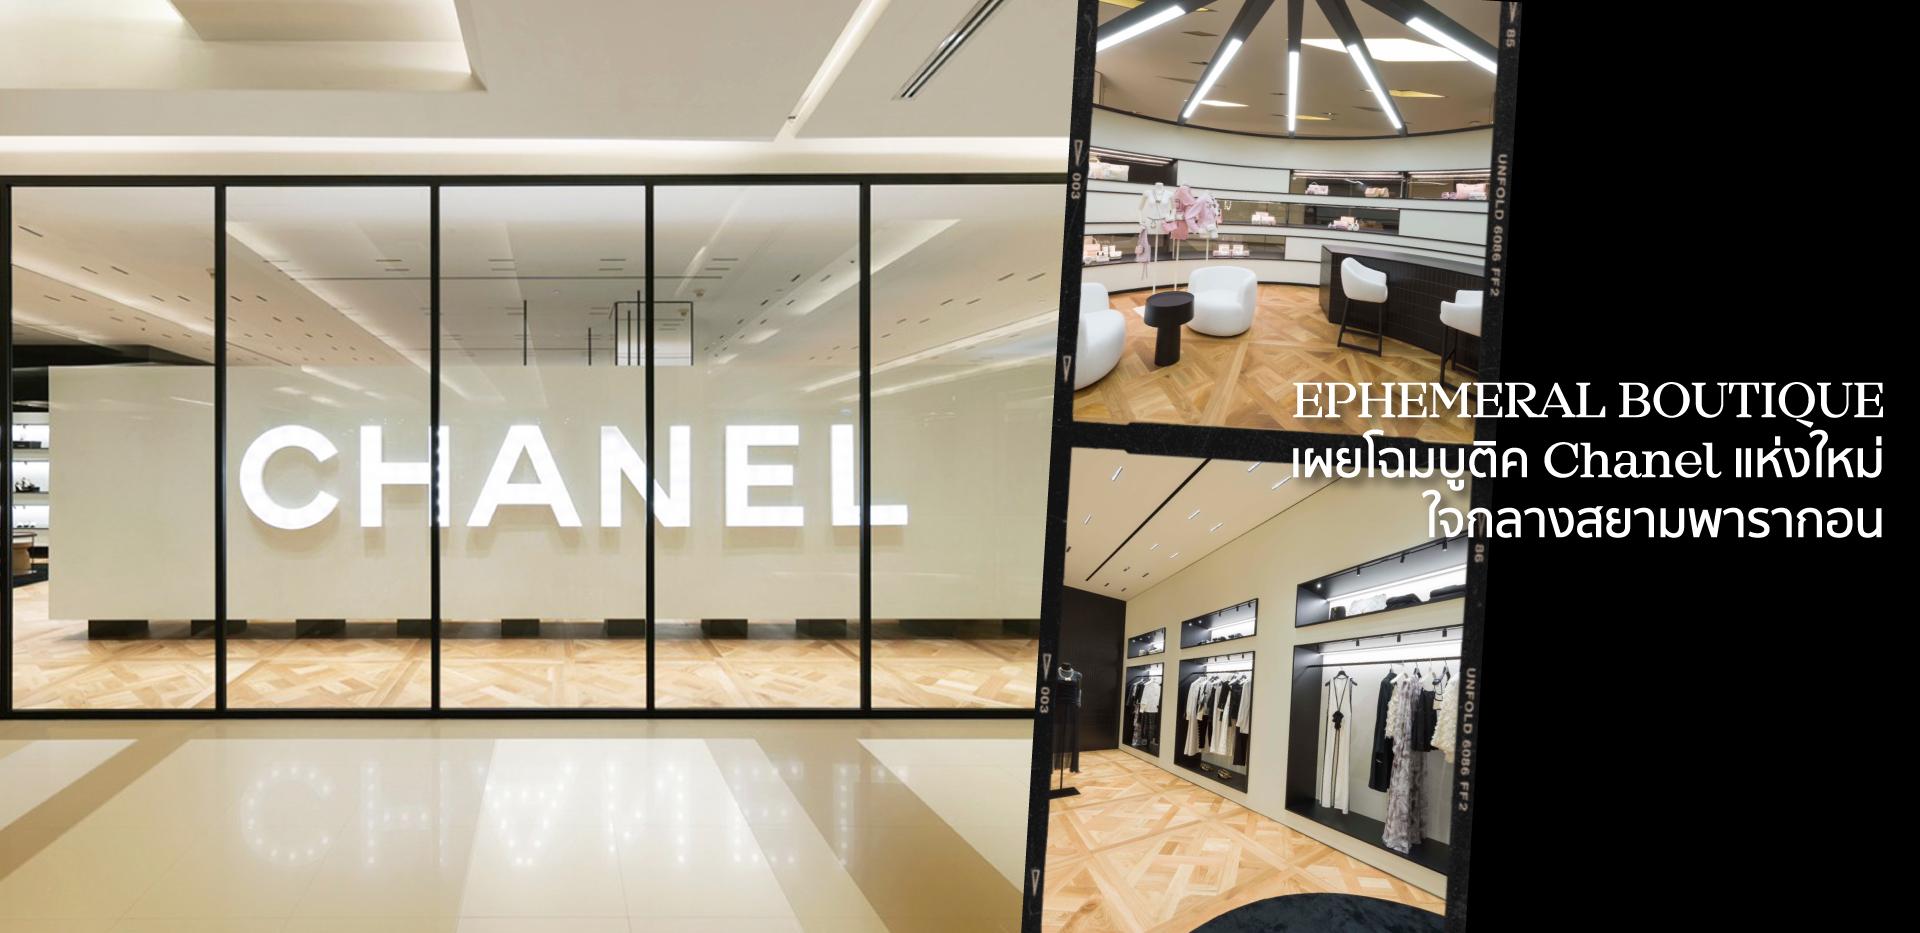 EPHEMERAL BOUTIQUE เผยโฉมบูติค Chanel แห่งใหม่ใจกลางสยามพารากอน